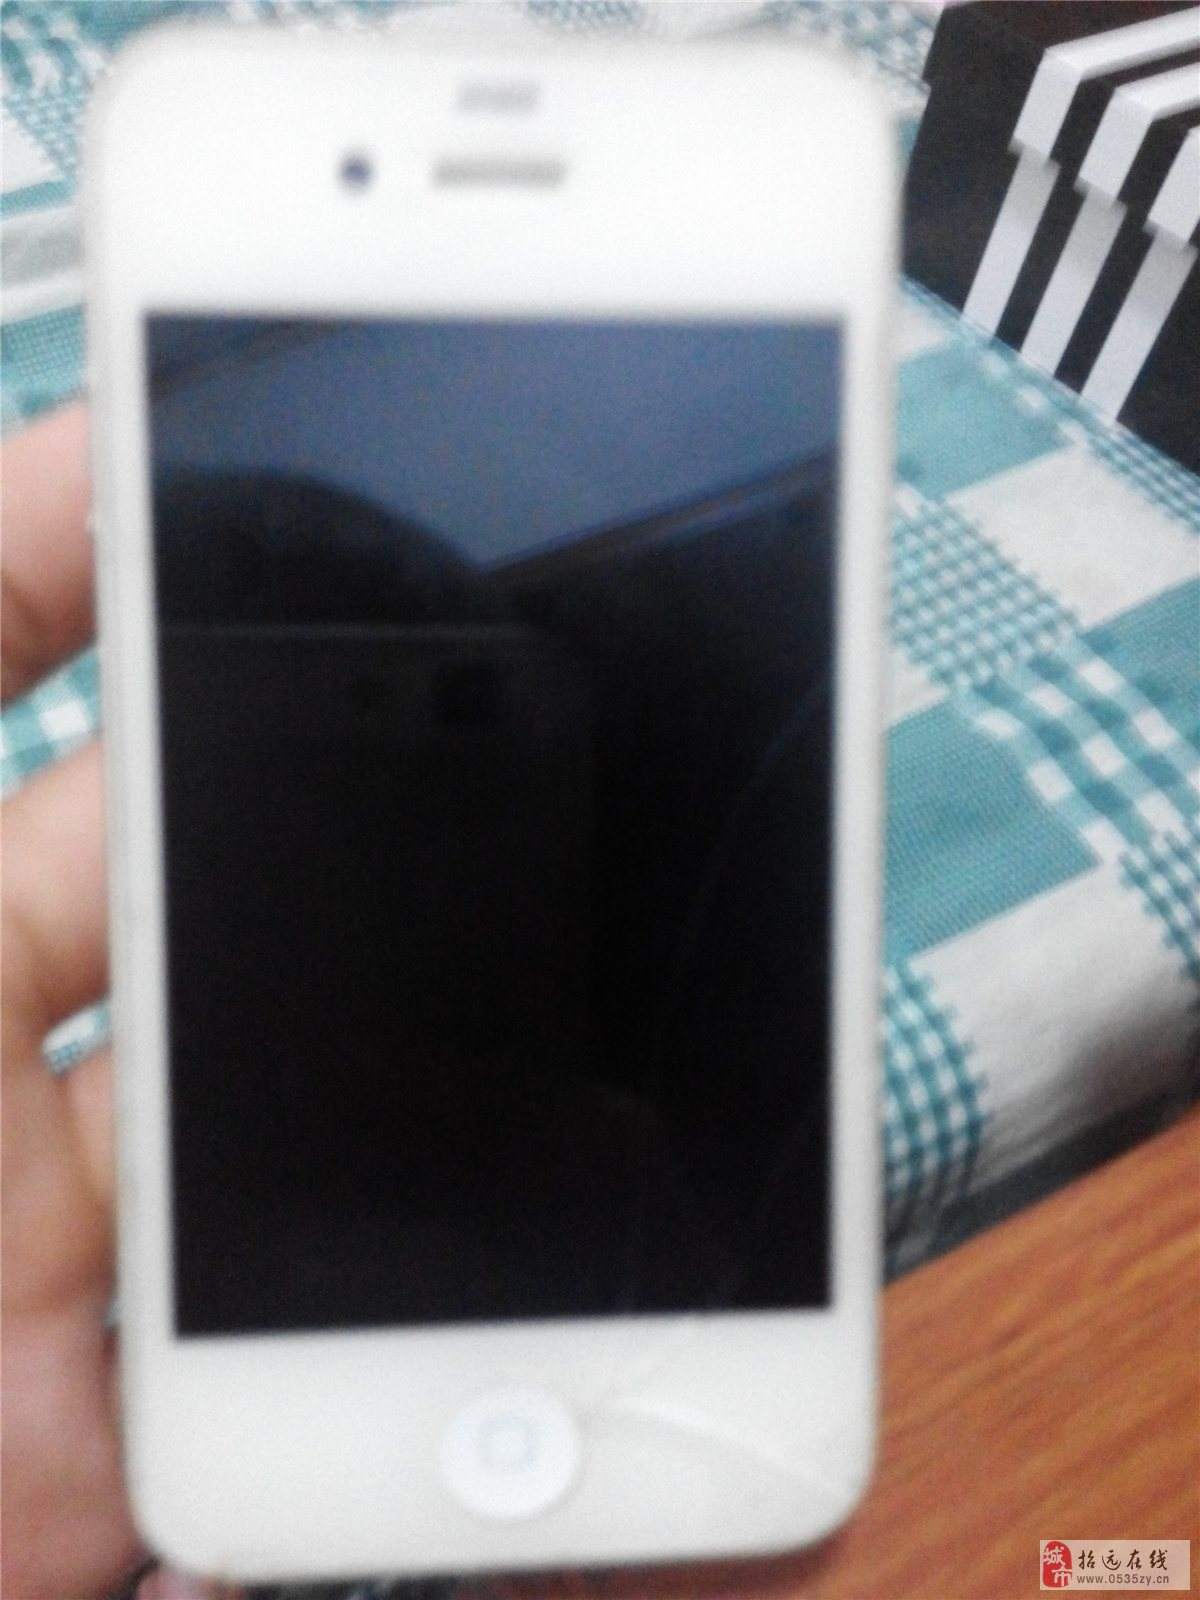 招远出售iphone4手机无锁没有越狱ios7